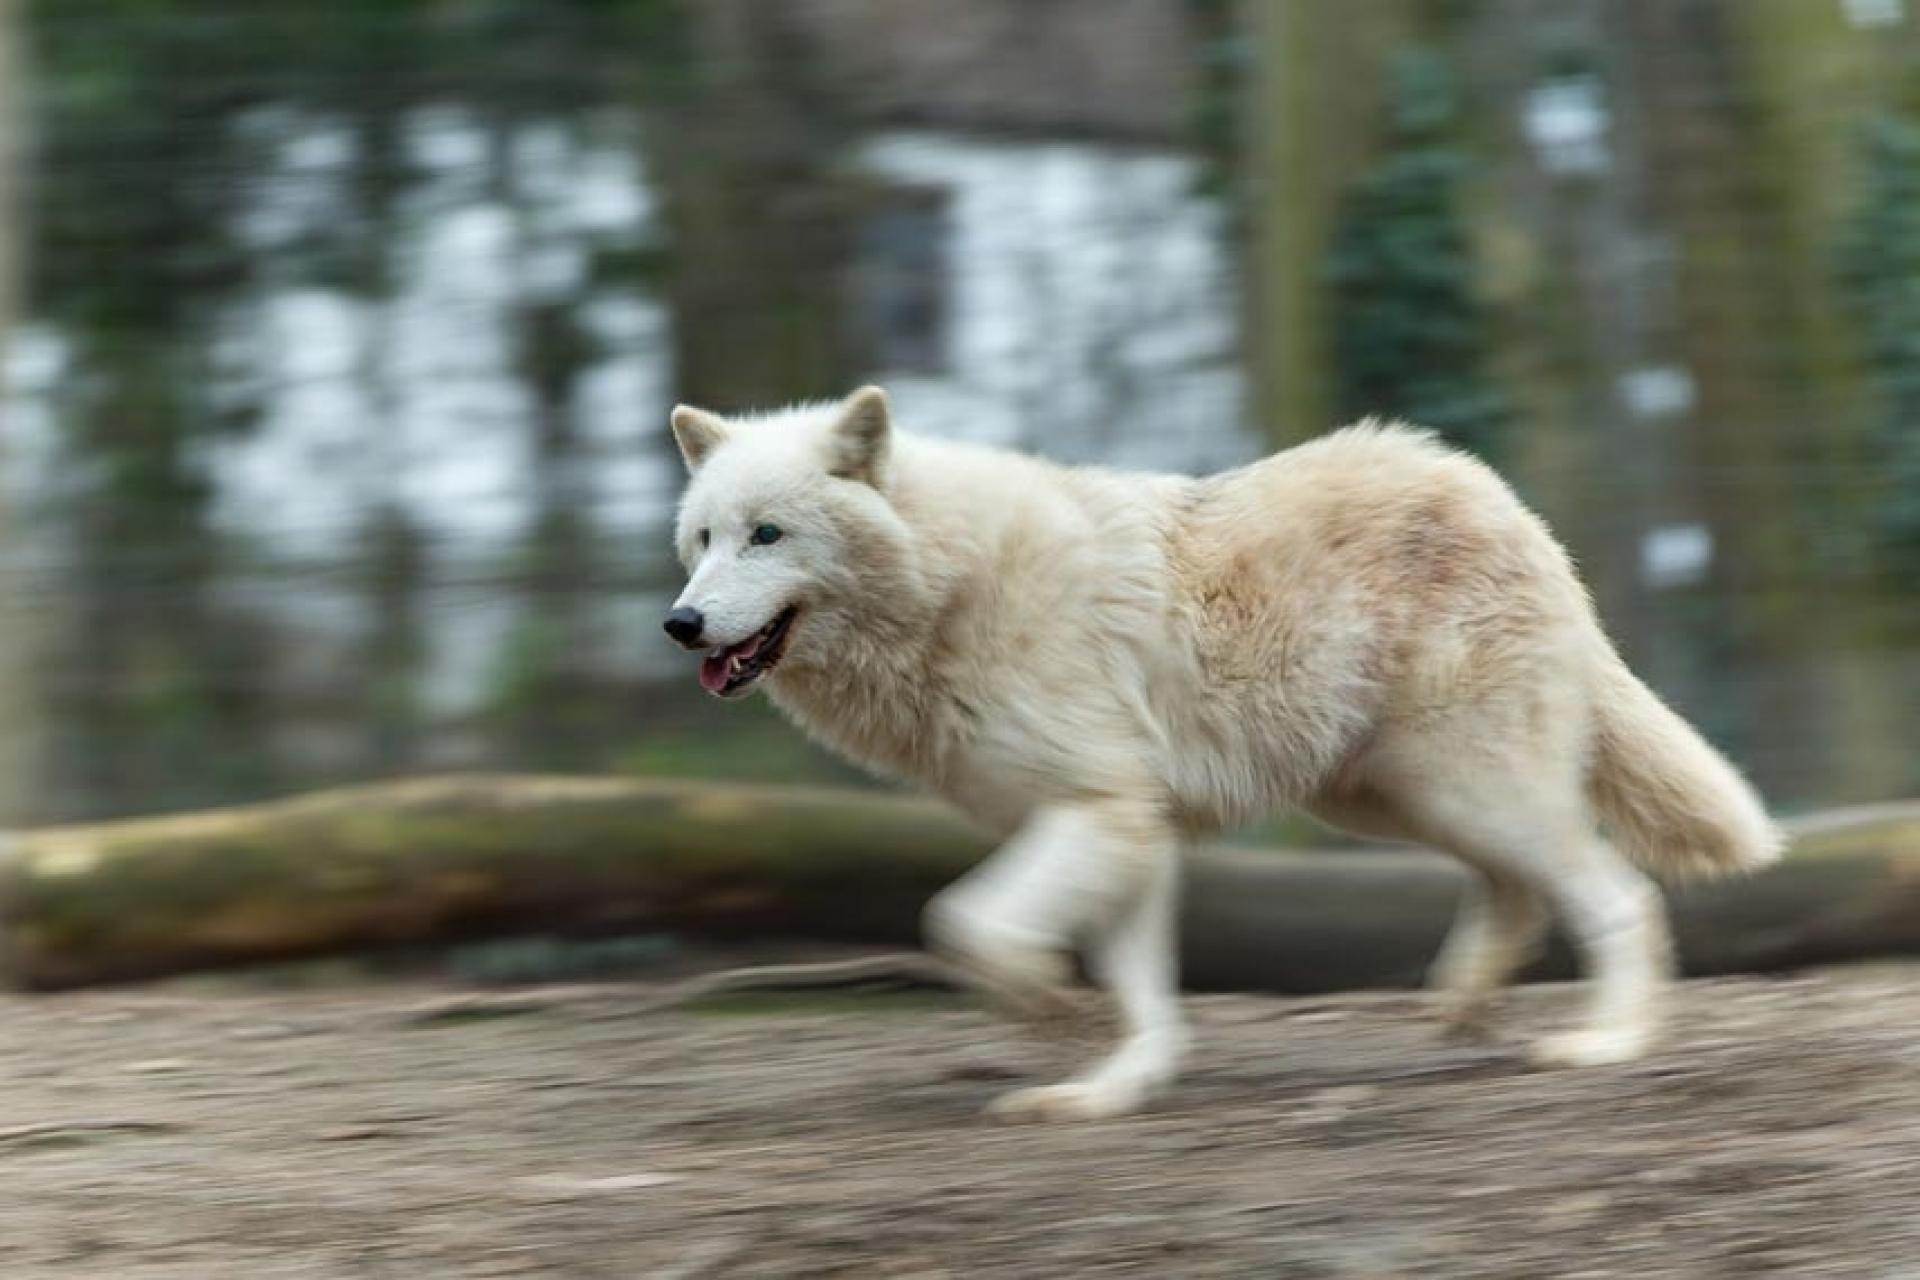 Tierfotografie in Theorie und Praxis - Canon Academy Natur-, Tier- und Makro